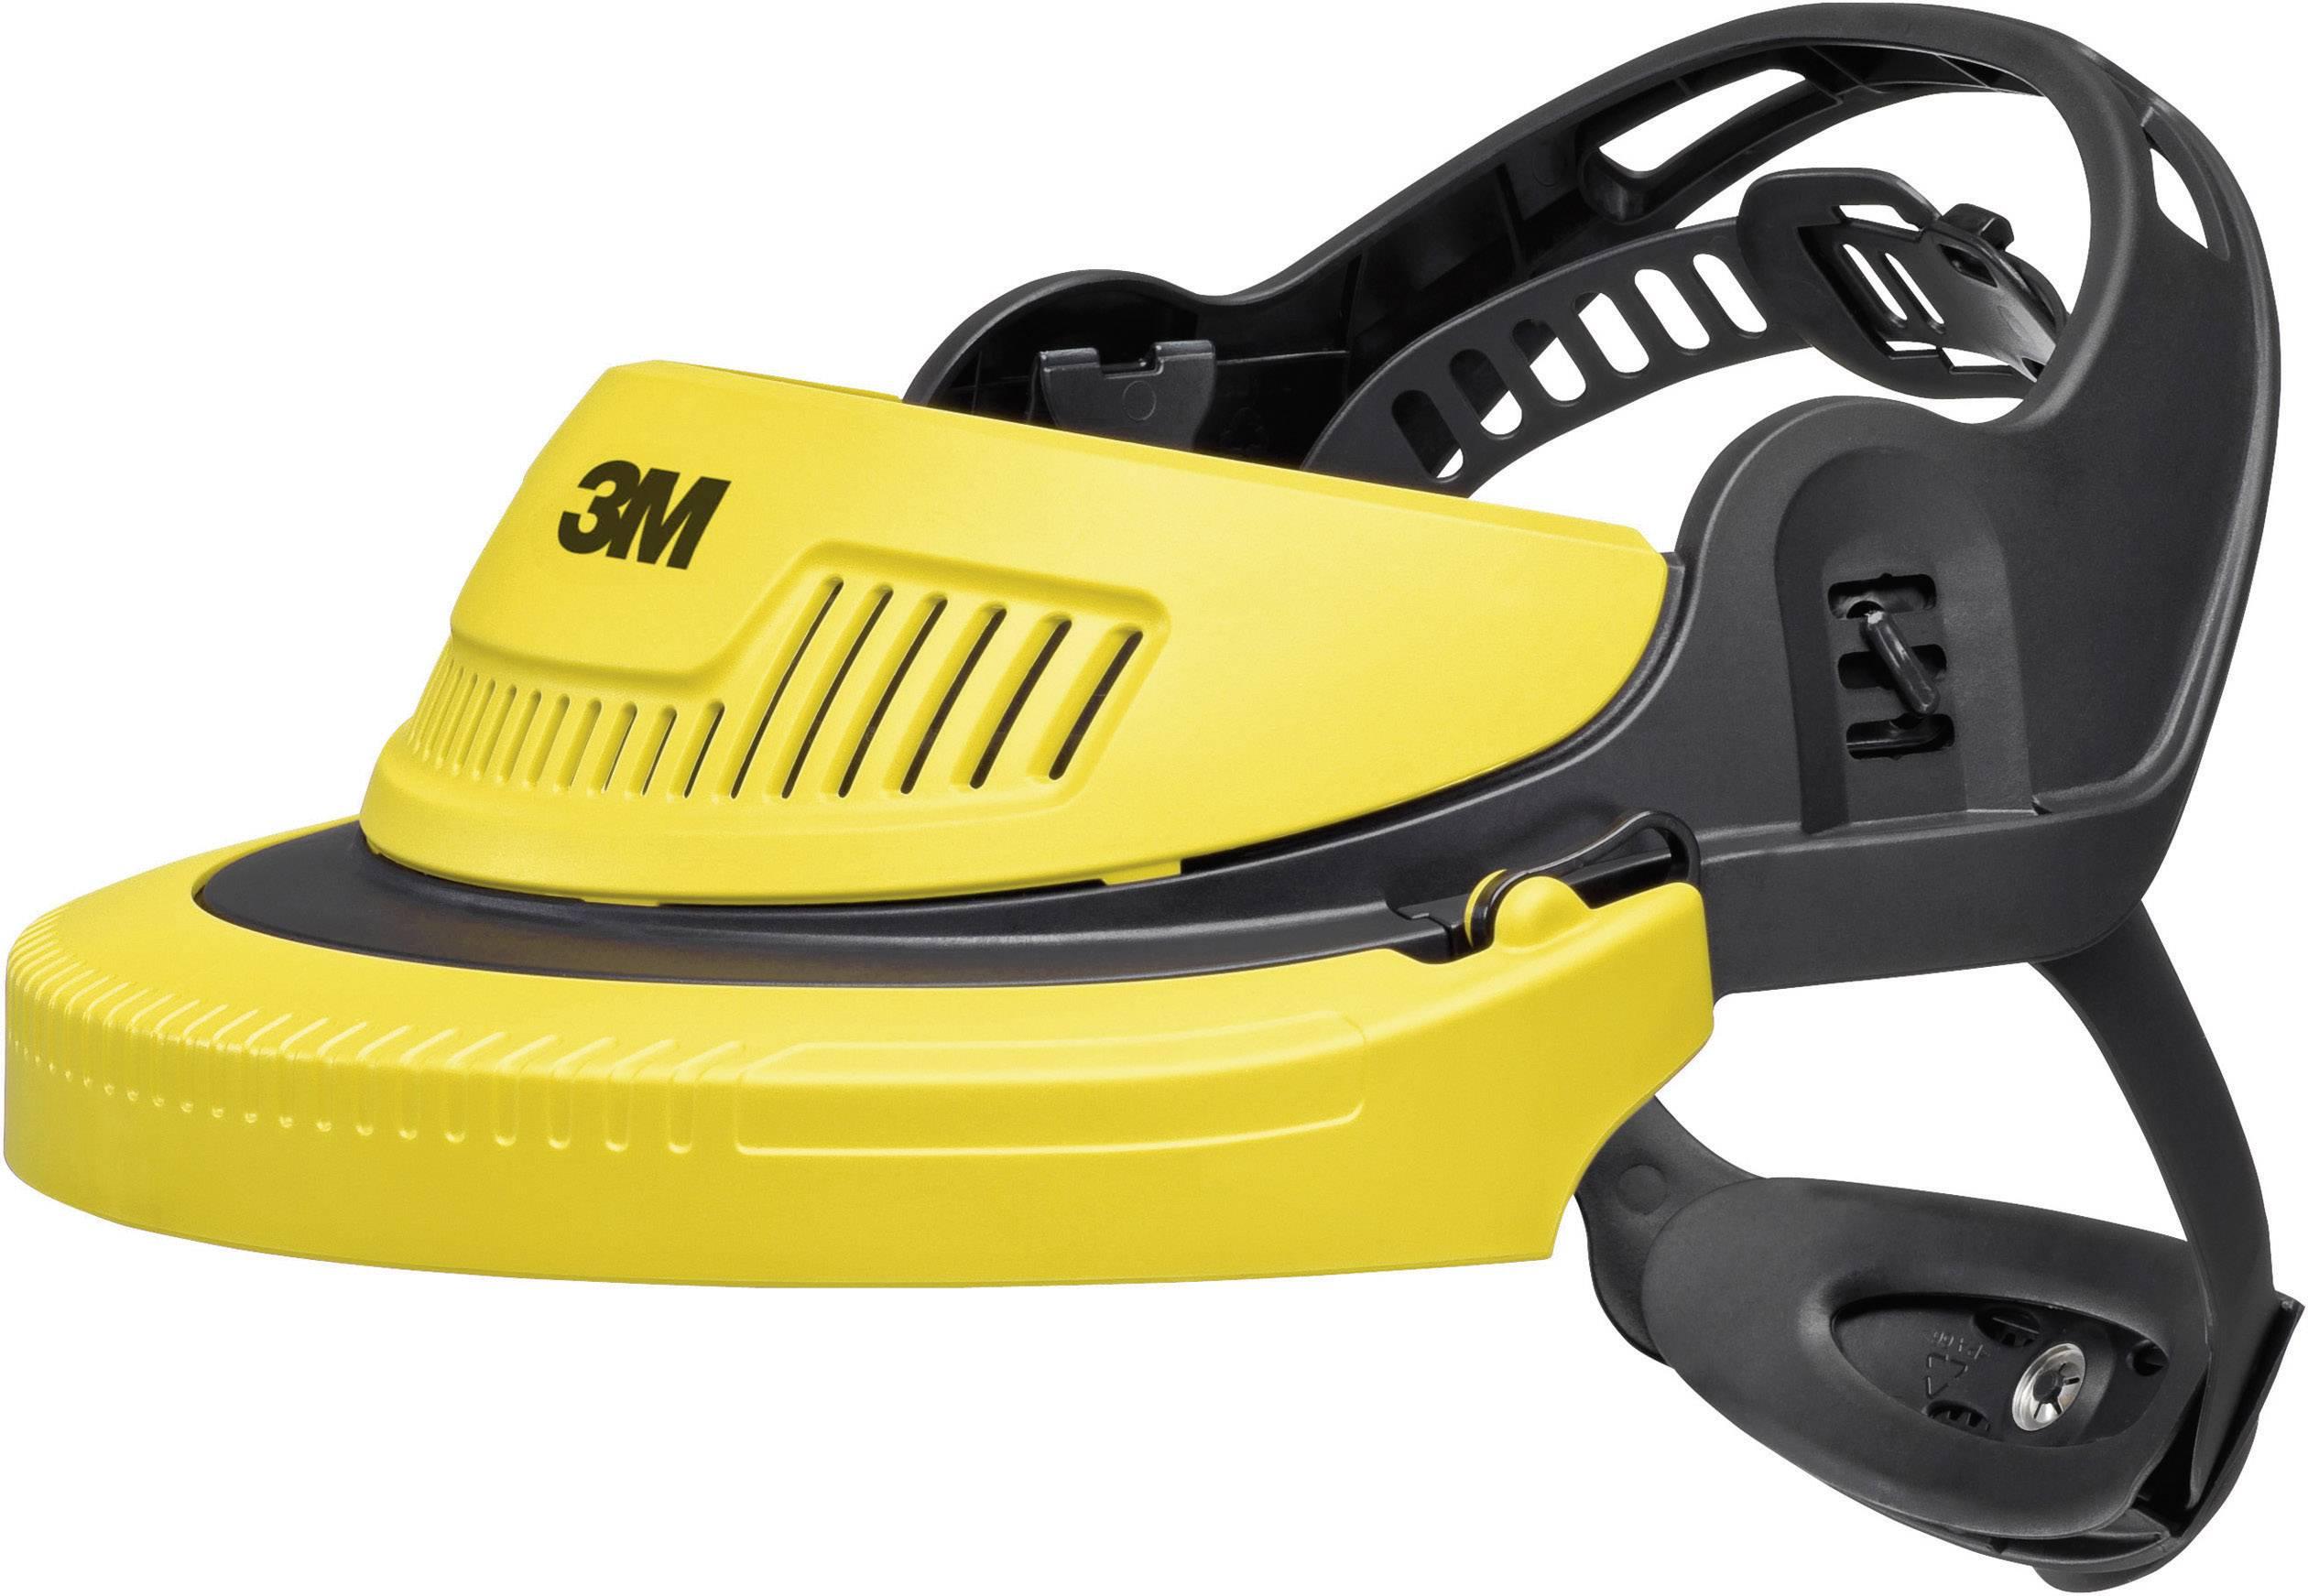 Ochranný šilt 3M XA-0077-0381-3